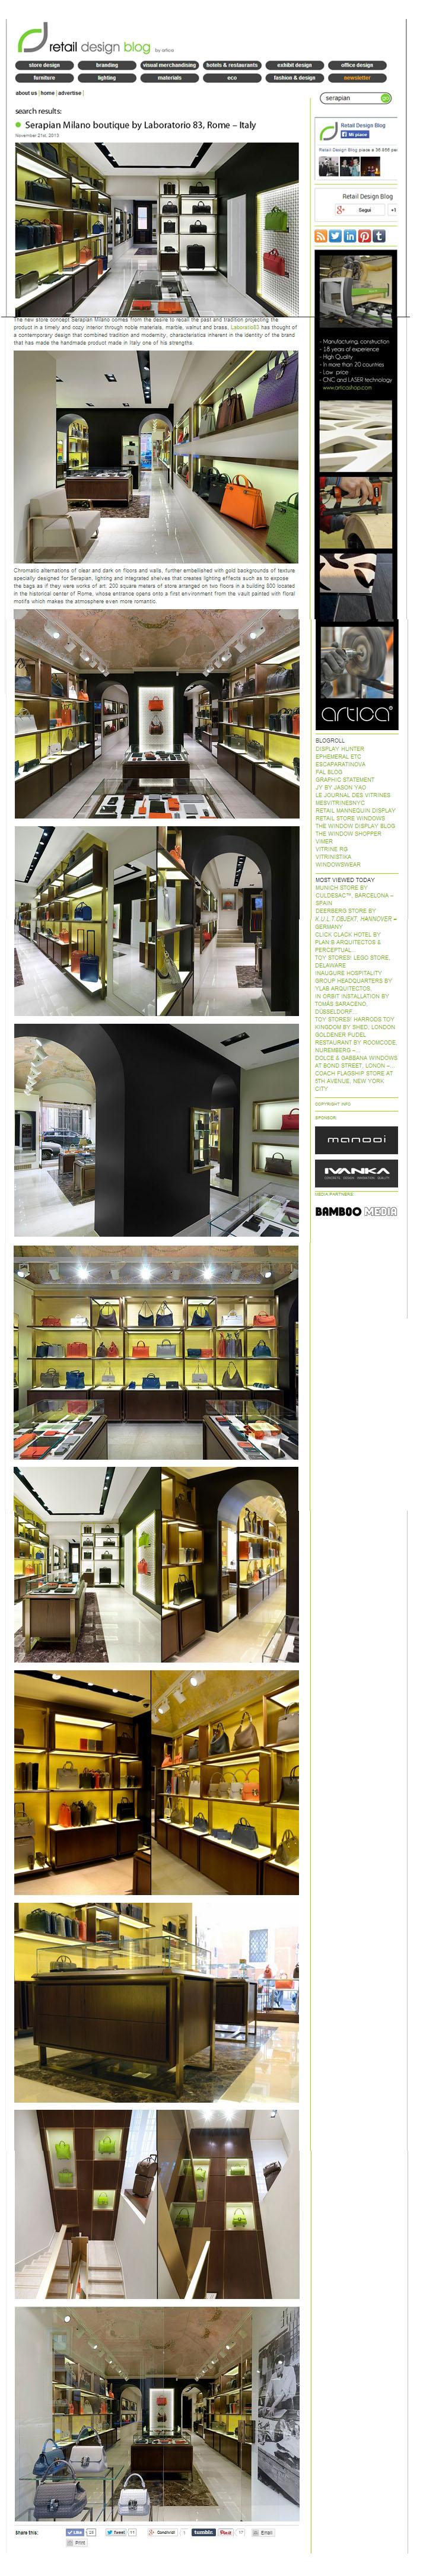 retaildesignblog_laboratorio83_Serapian Roma